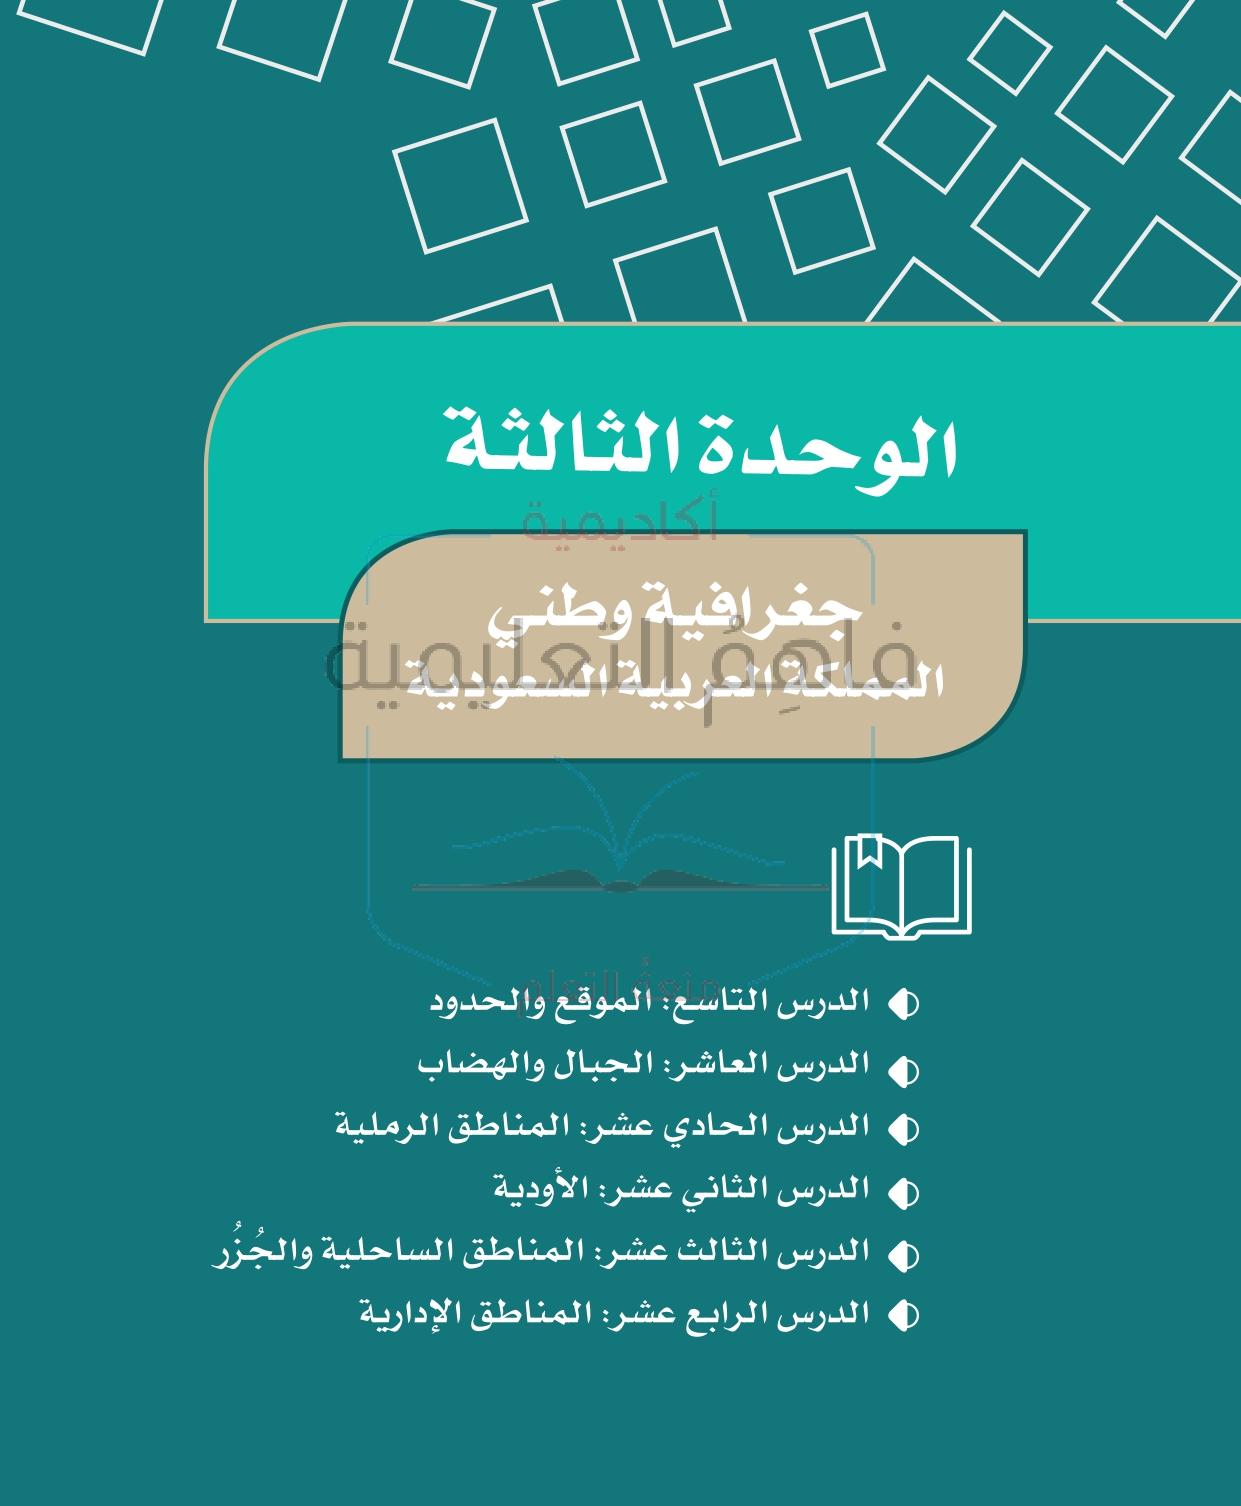 حل دراسات اجتماعية  خامس – الوحدة (3) جغرافية موطني المملكة العربية السعودية – صفحة 56-92